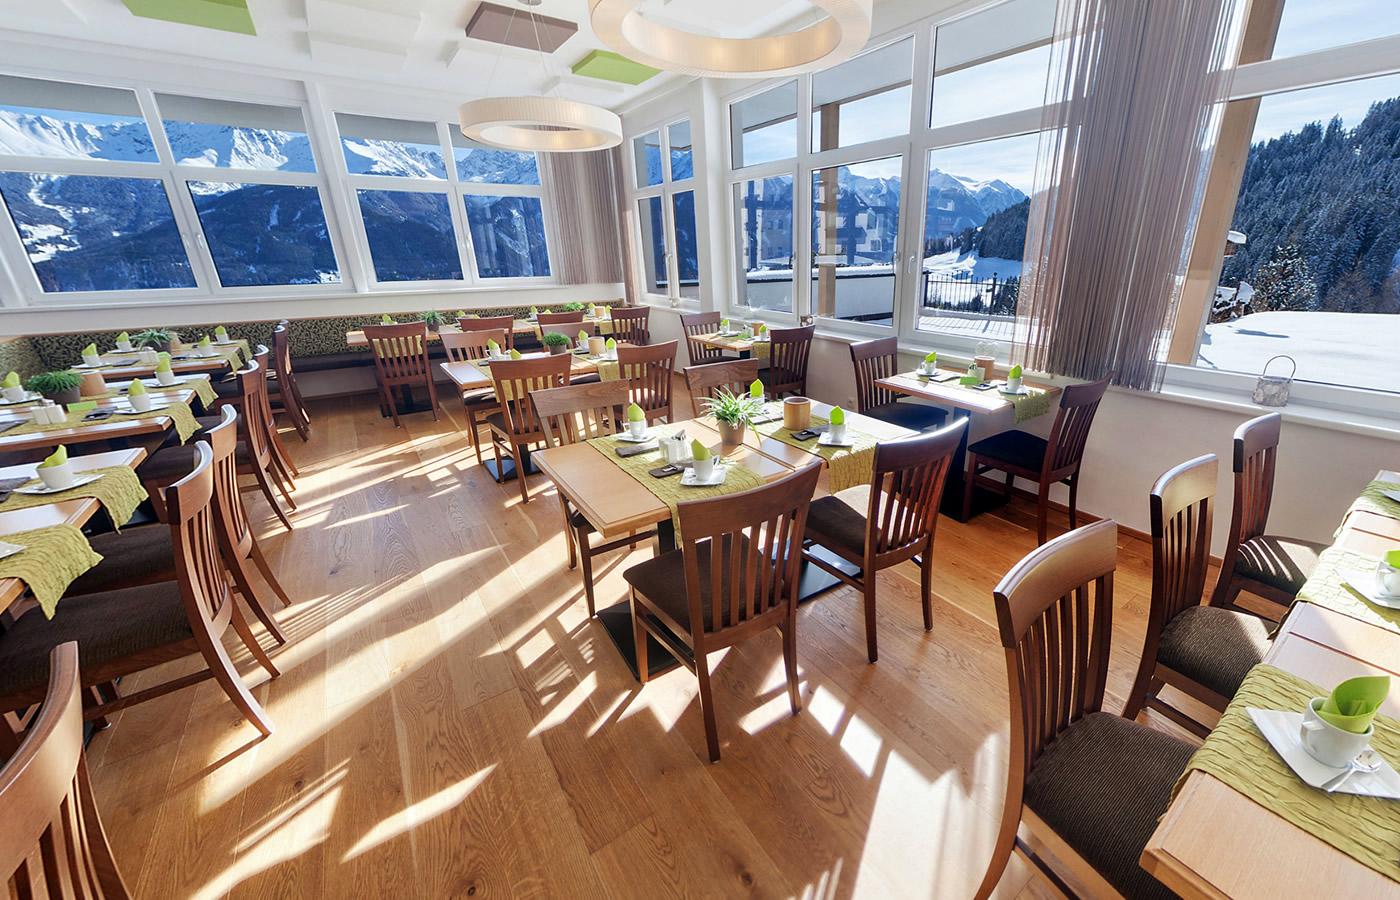 Frühstücksraum des Hotels. Panoramablick im Winter.